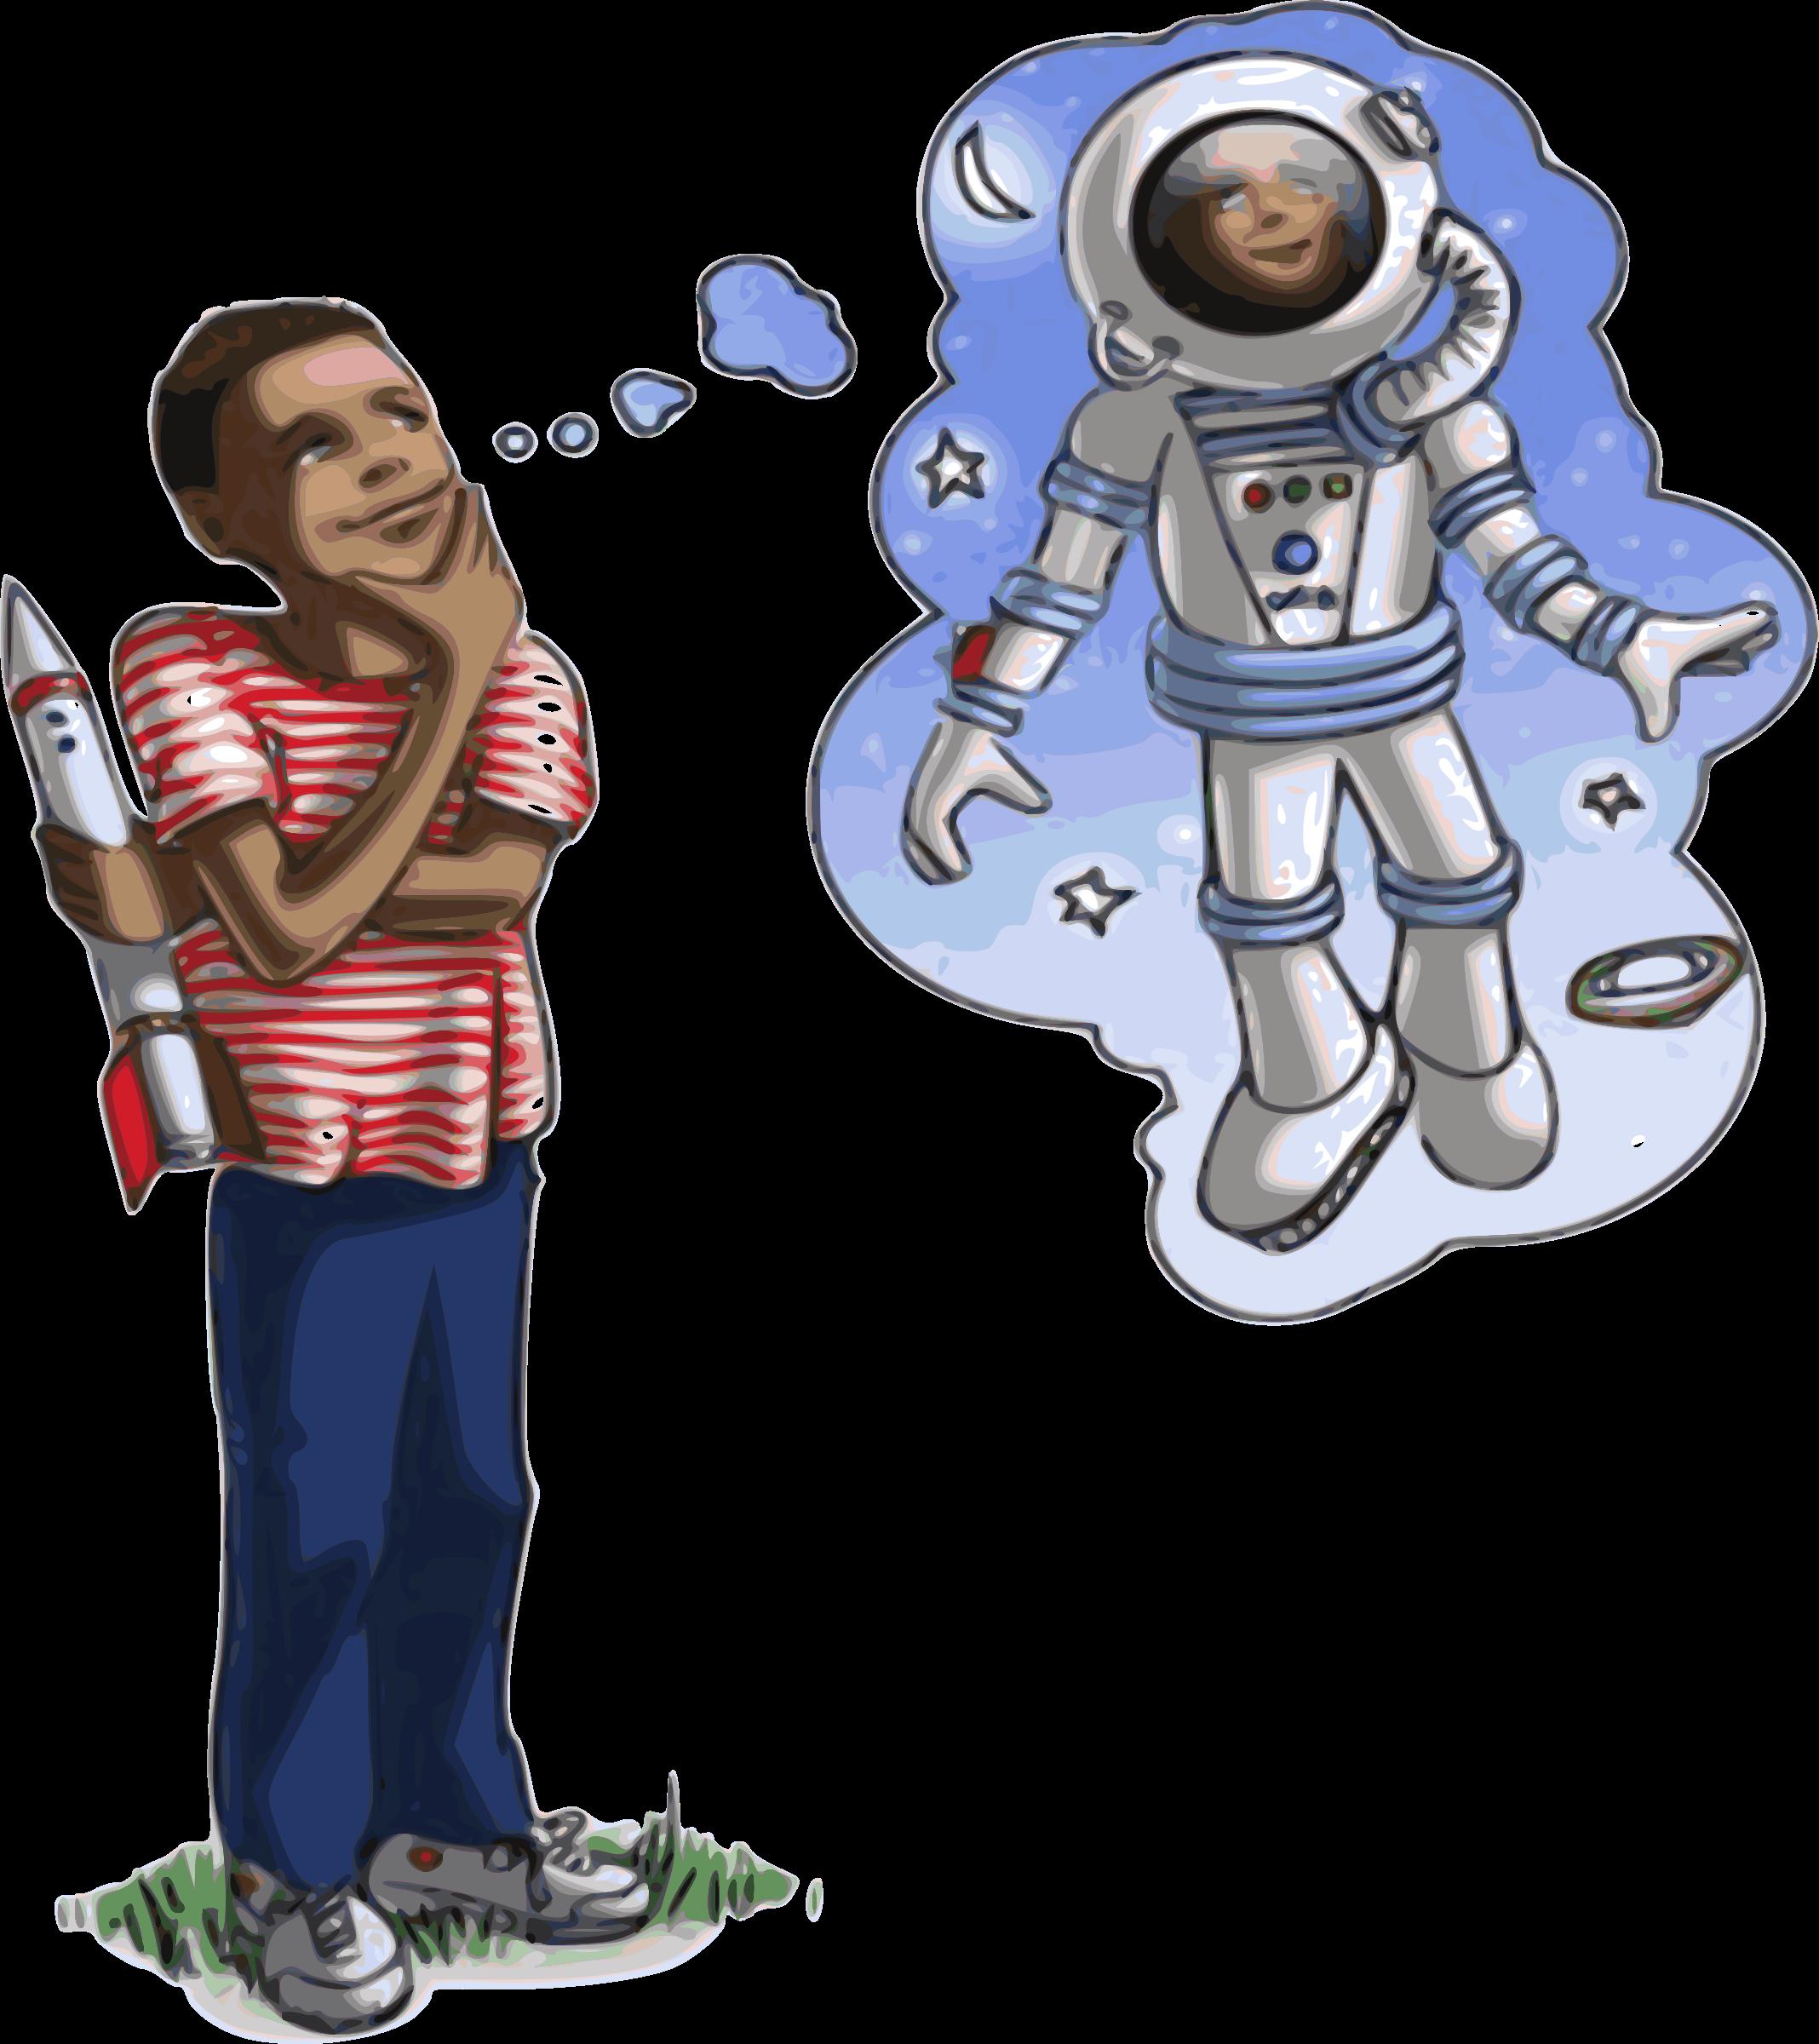 Motivation clipart dream. Astronaut dreams big image